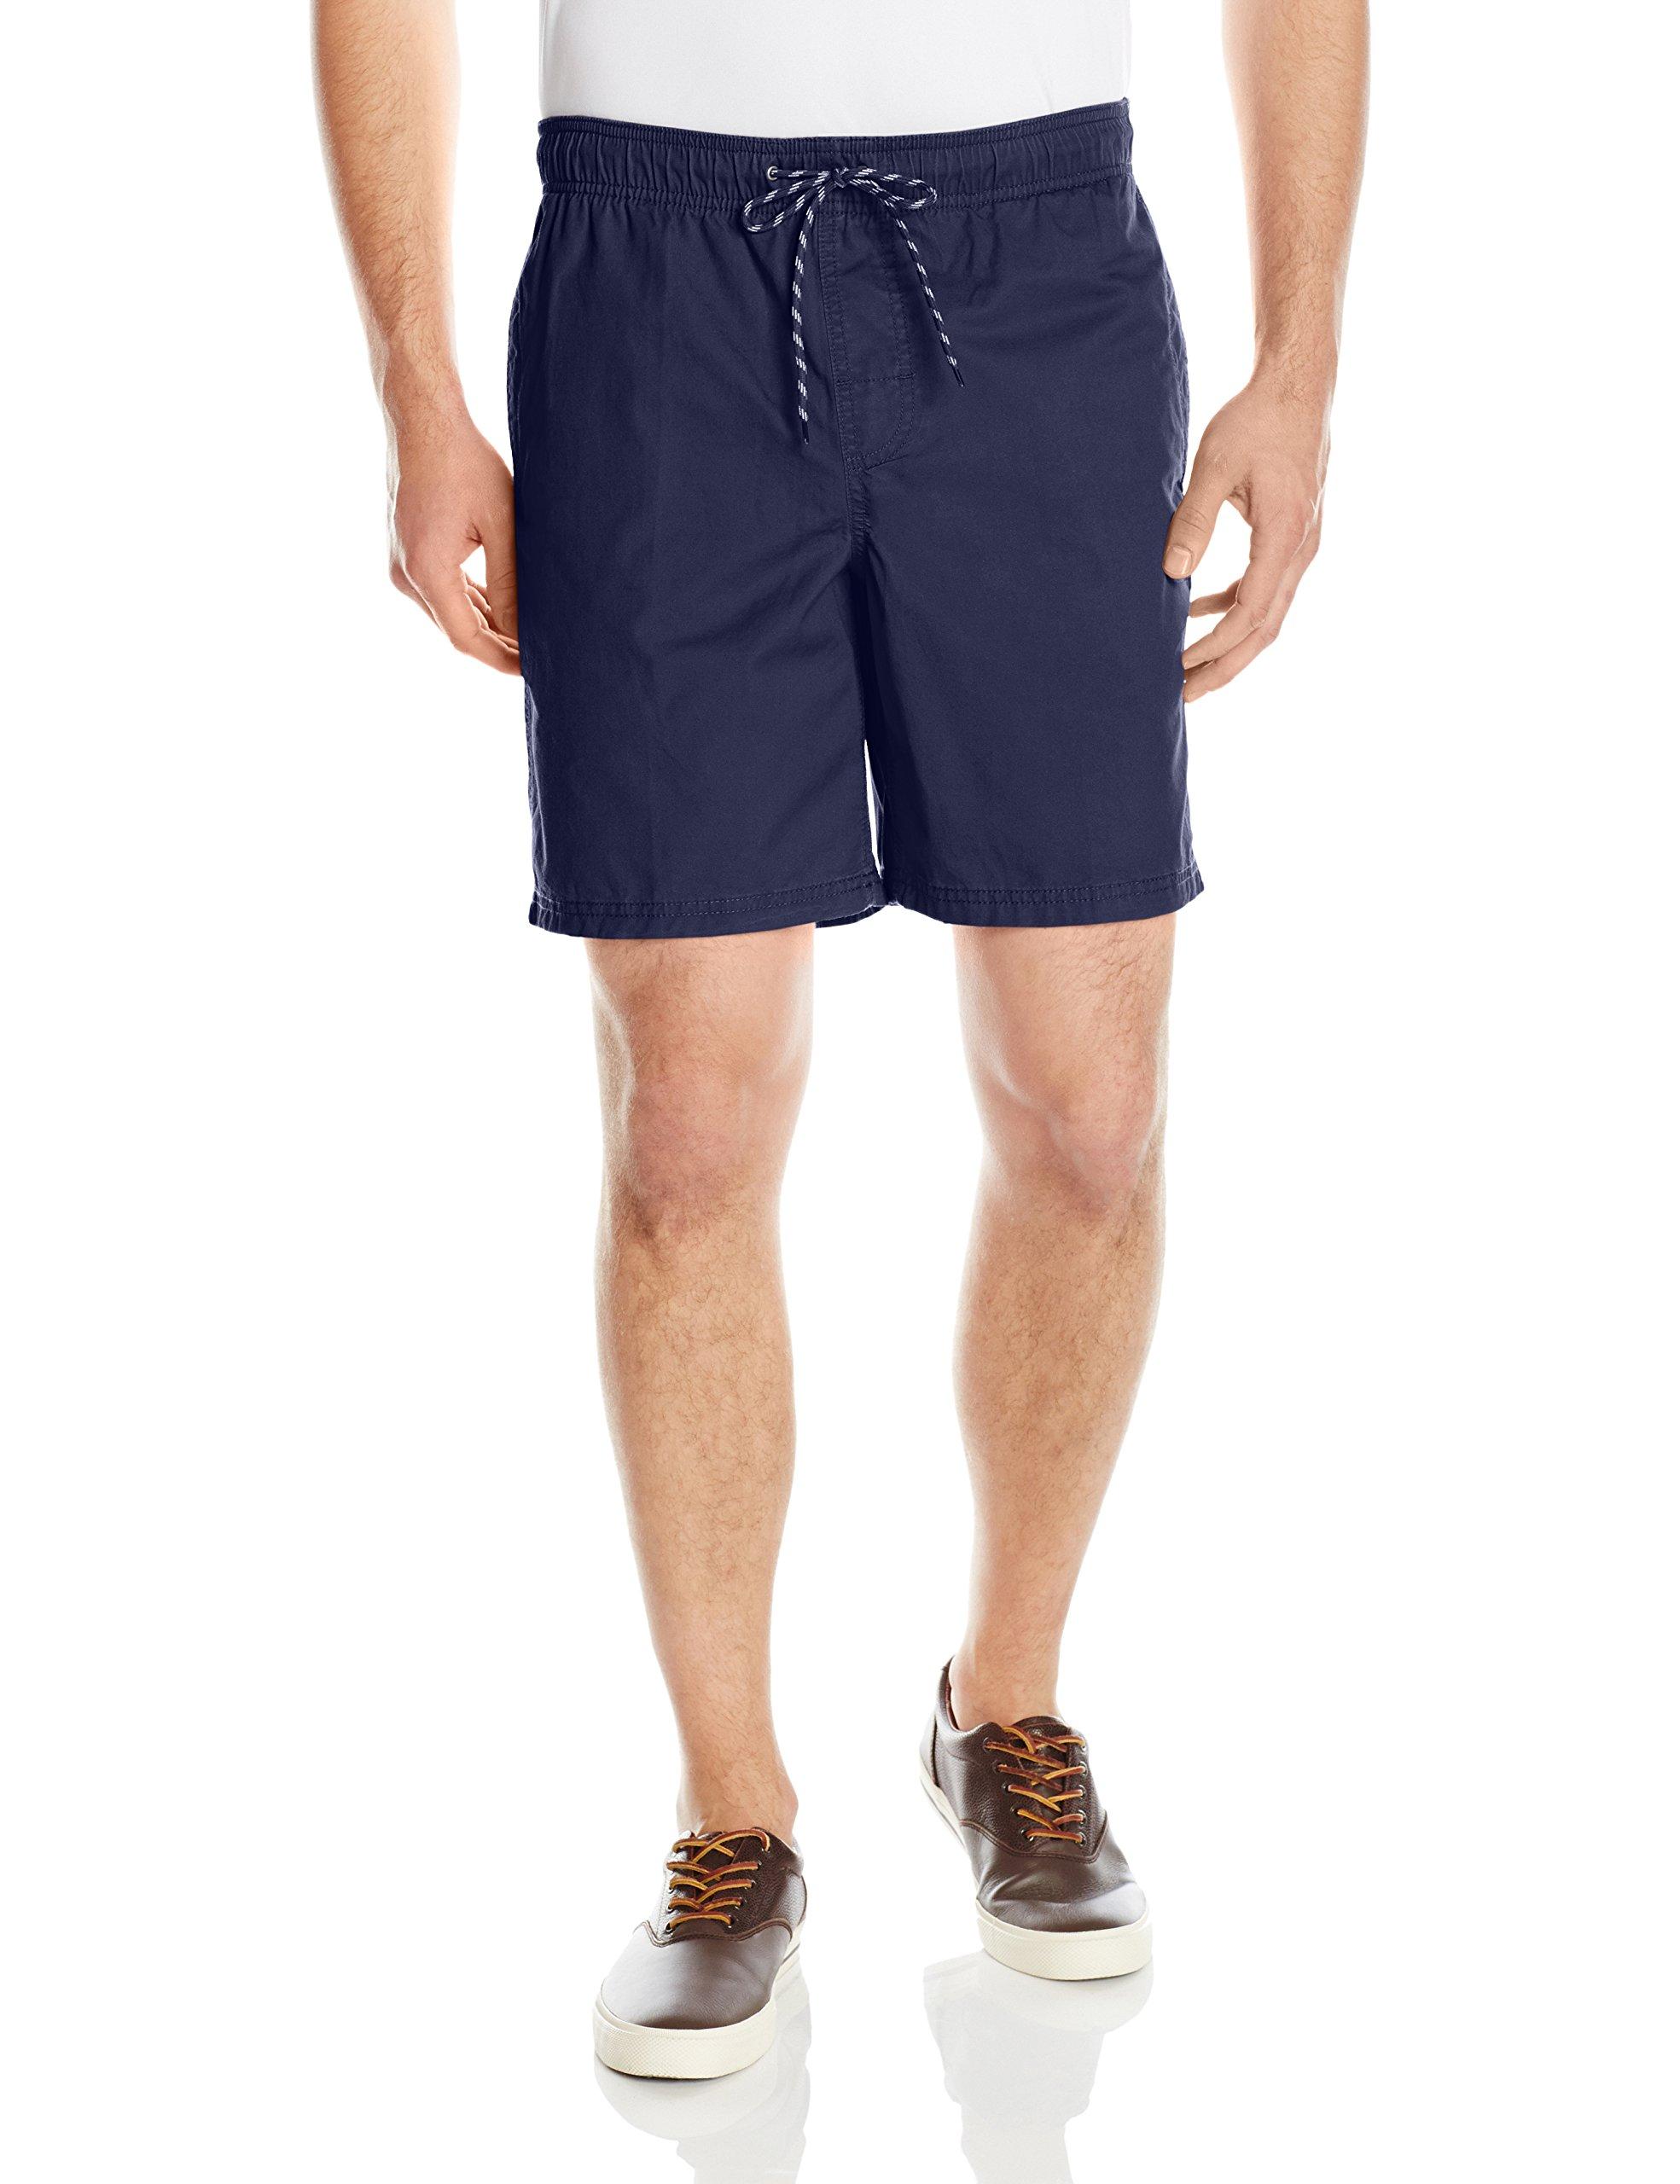 Amazon Essentials Men's Drawstring Walk Short, Navy, Large by Amazon Essentials